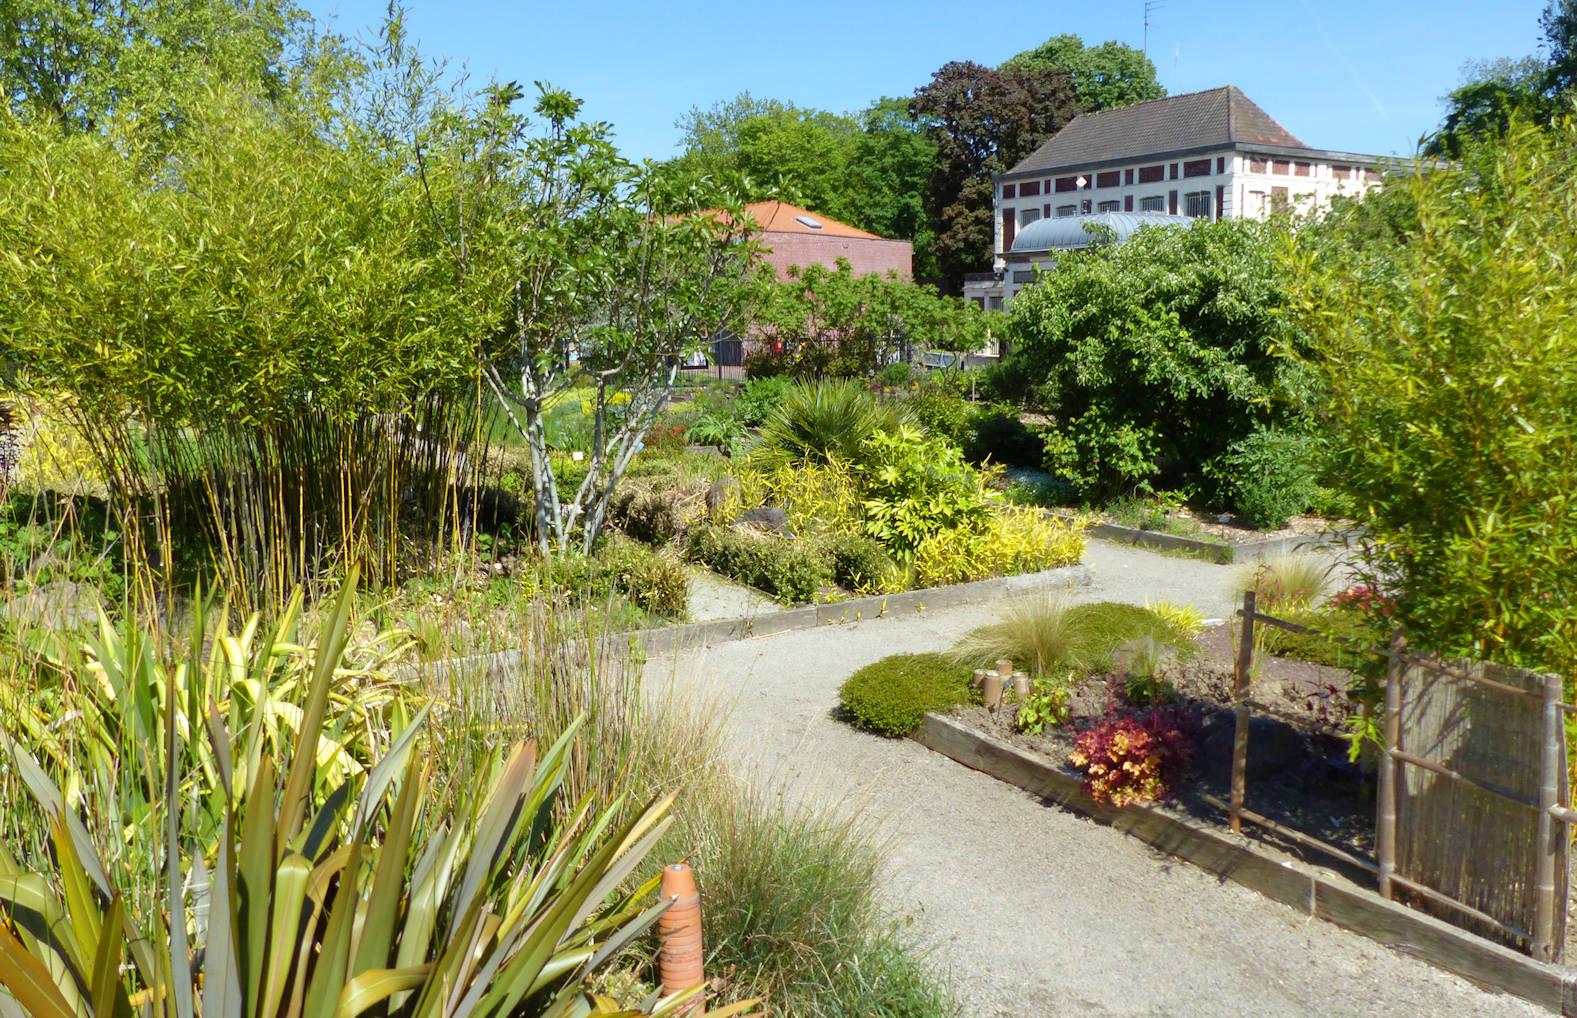 Jardin botanique, Tourcoing - Carrés pédagogiques